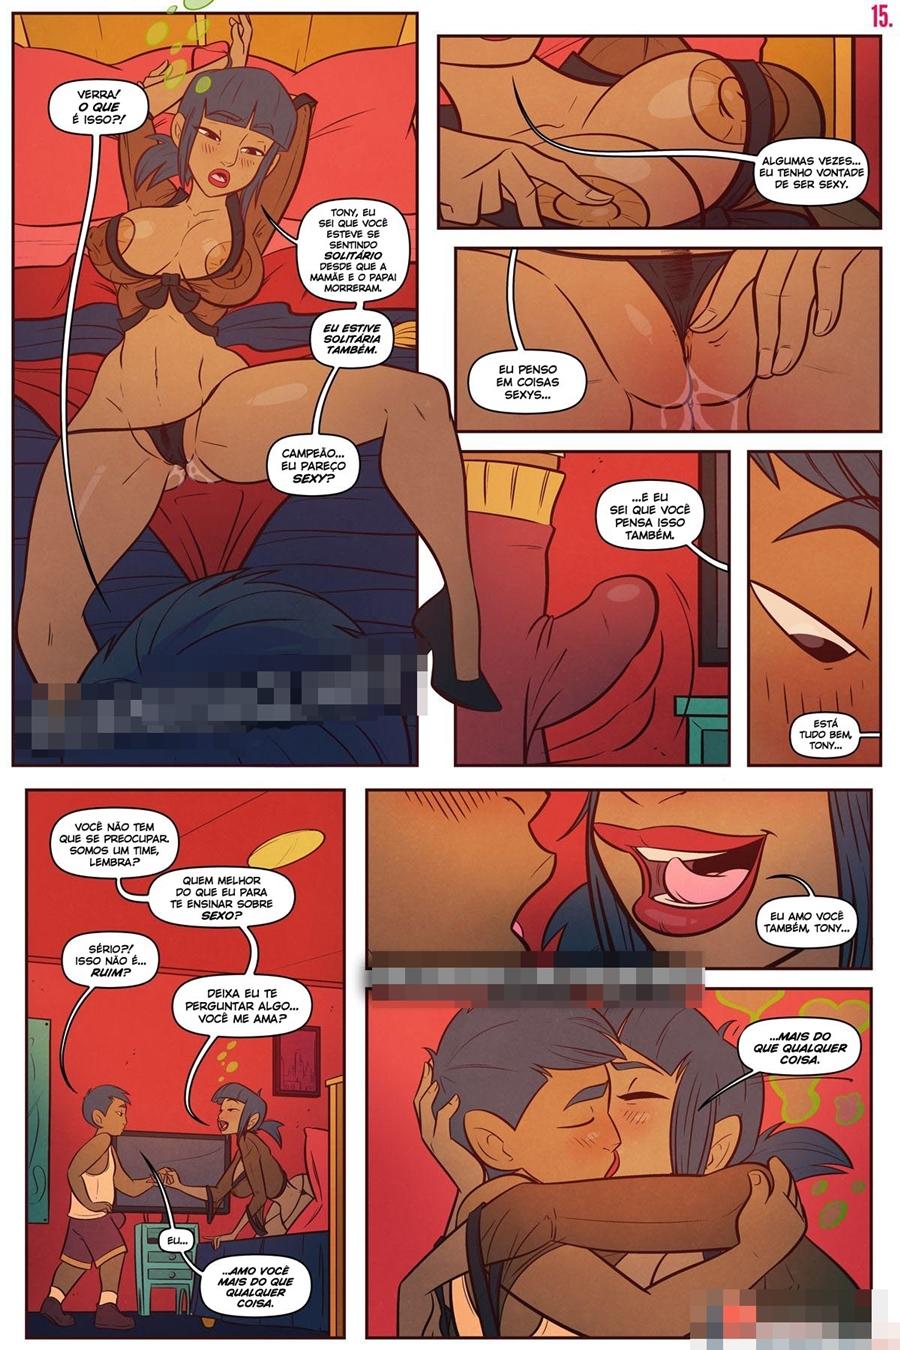 quadrinhos eroticos a vizinhança 15